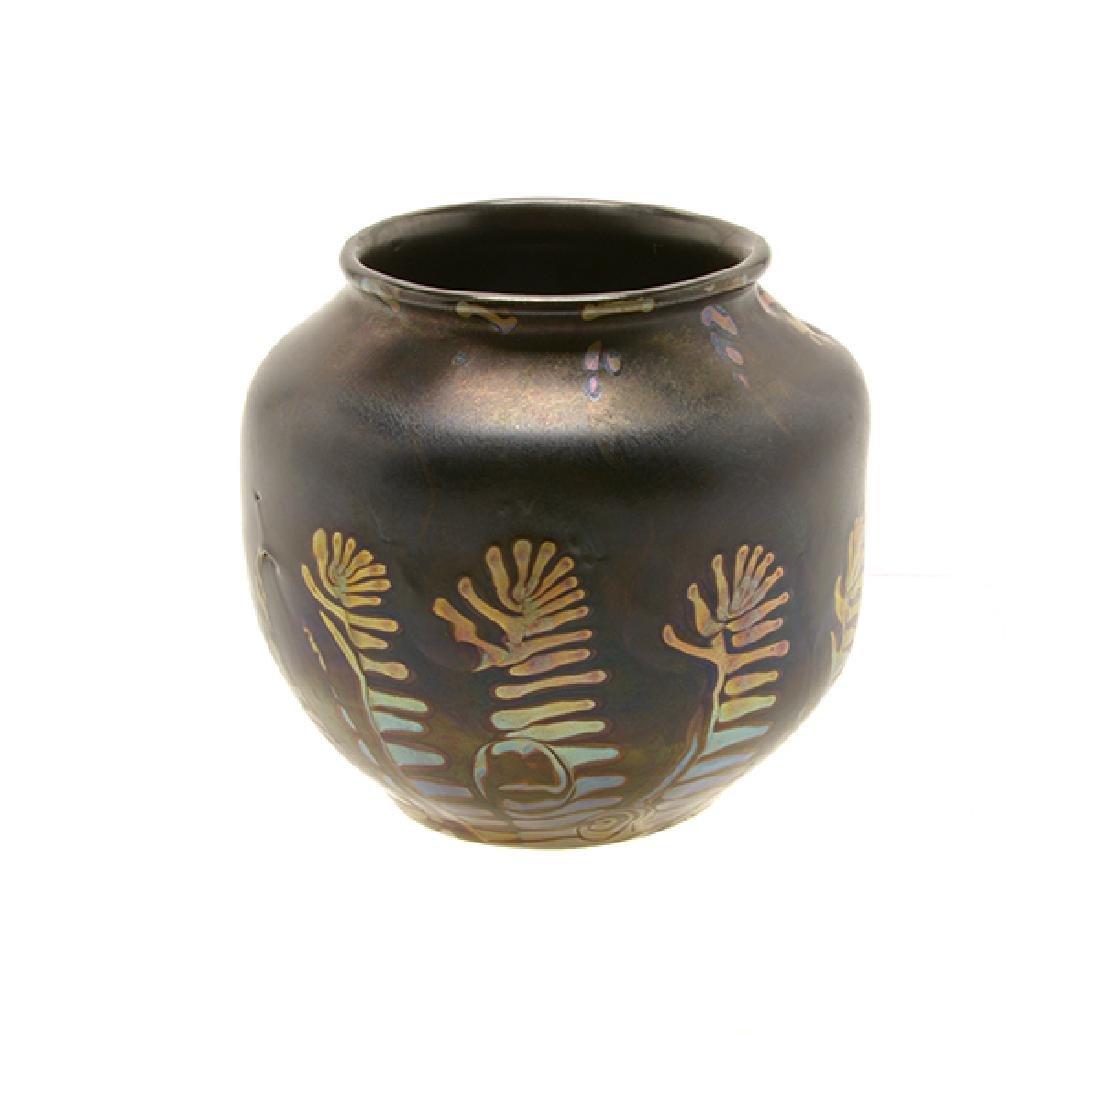 Tiffany Studios Favrile Vase